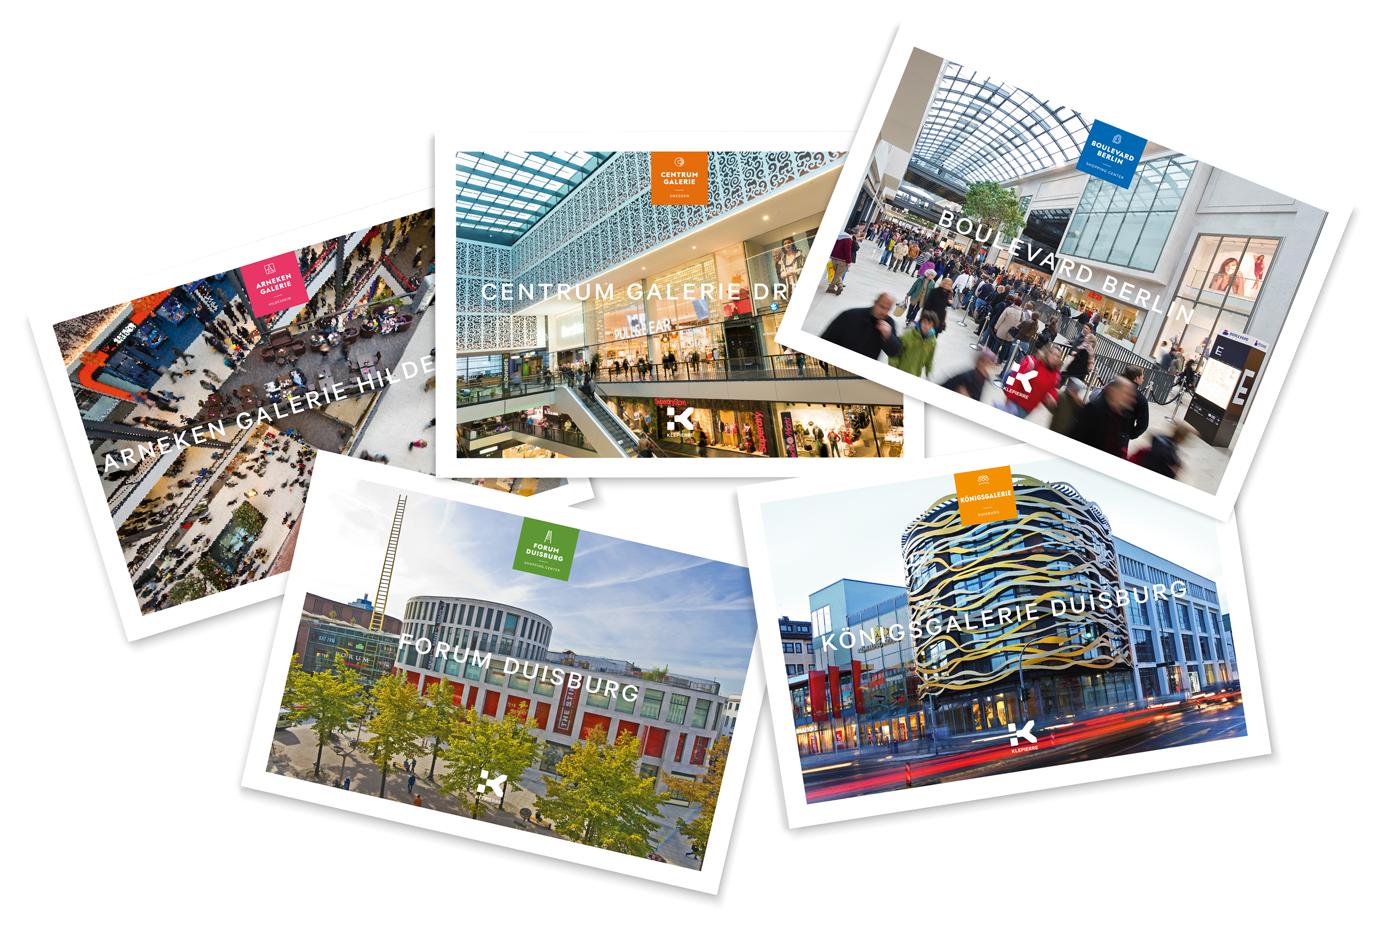 Klepierre vertraut bei der Konzeption und Gestaltung auf die Agentur Cantaloop aus Duisburg